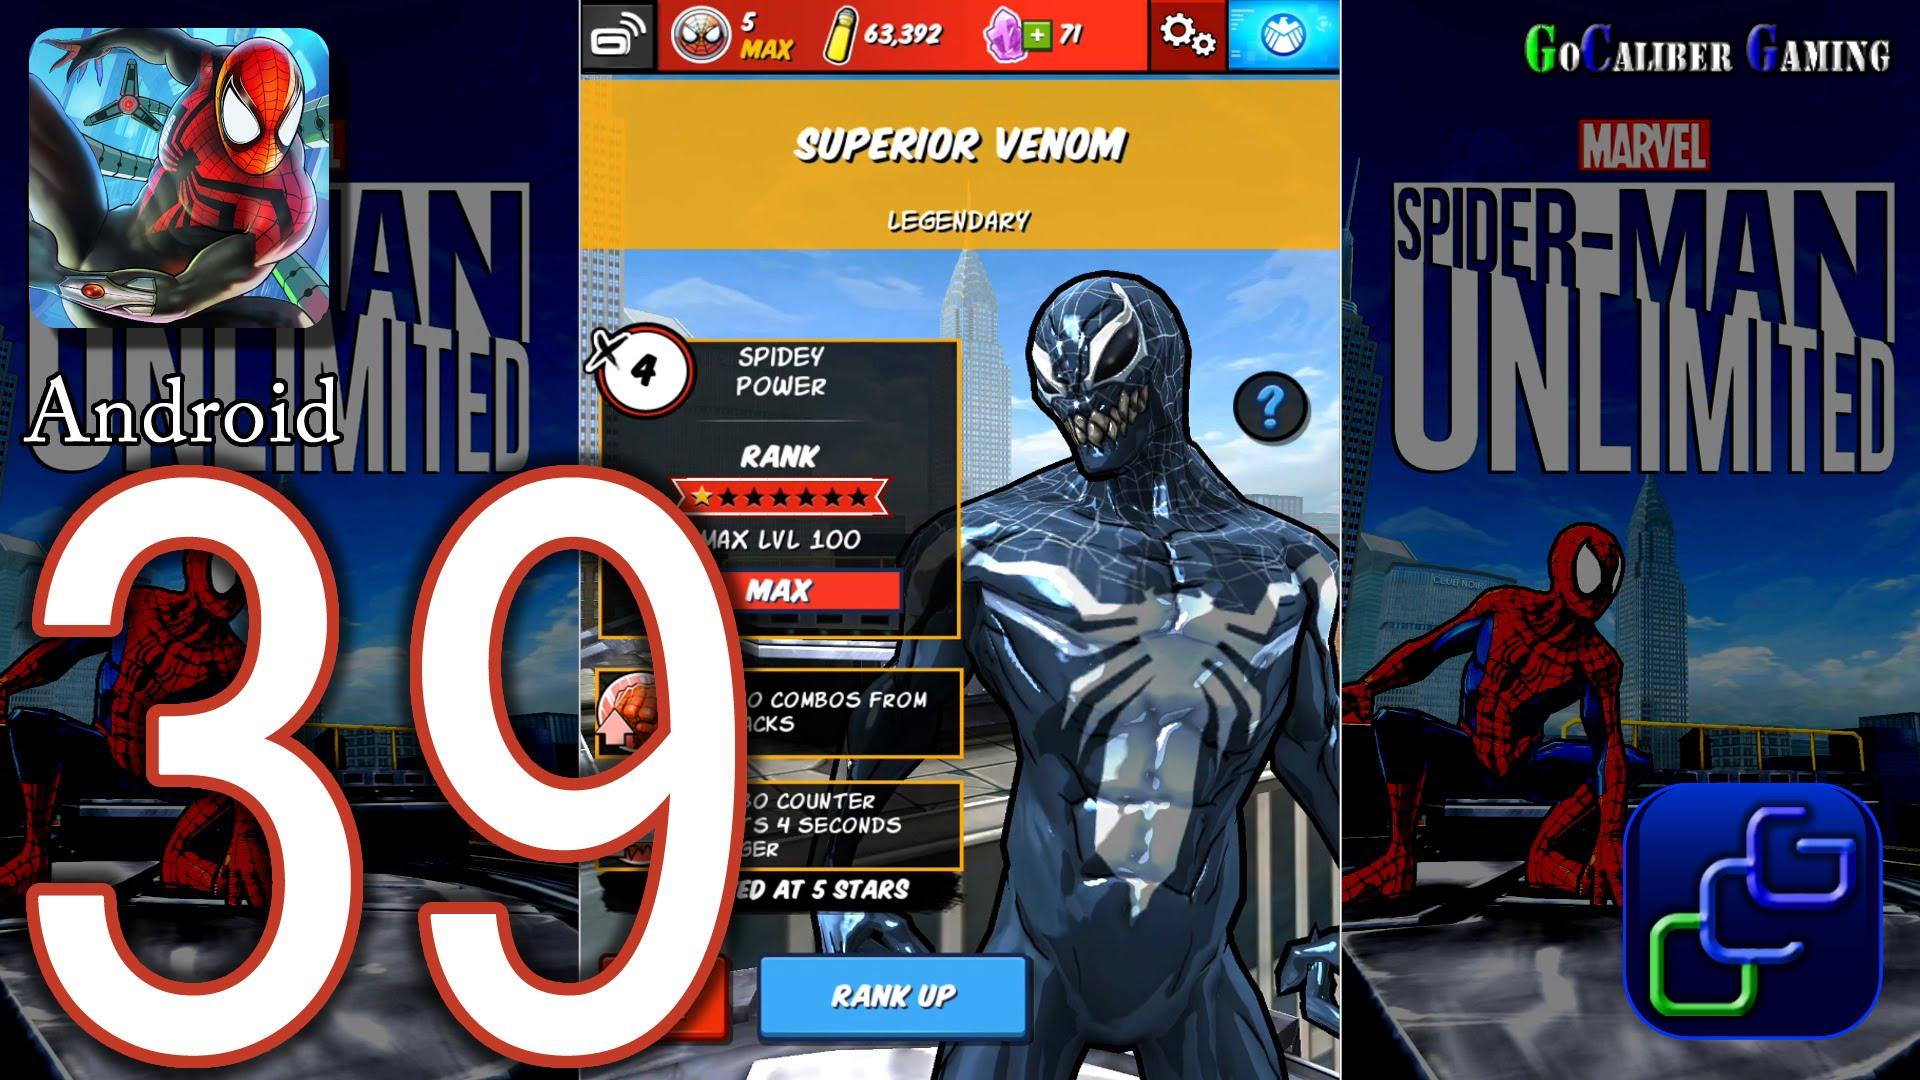 Superior Venom Backgrounds, Compatible - PC, Mobile, Gadgets  1920x1080 px